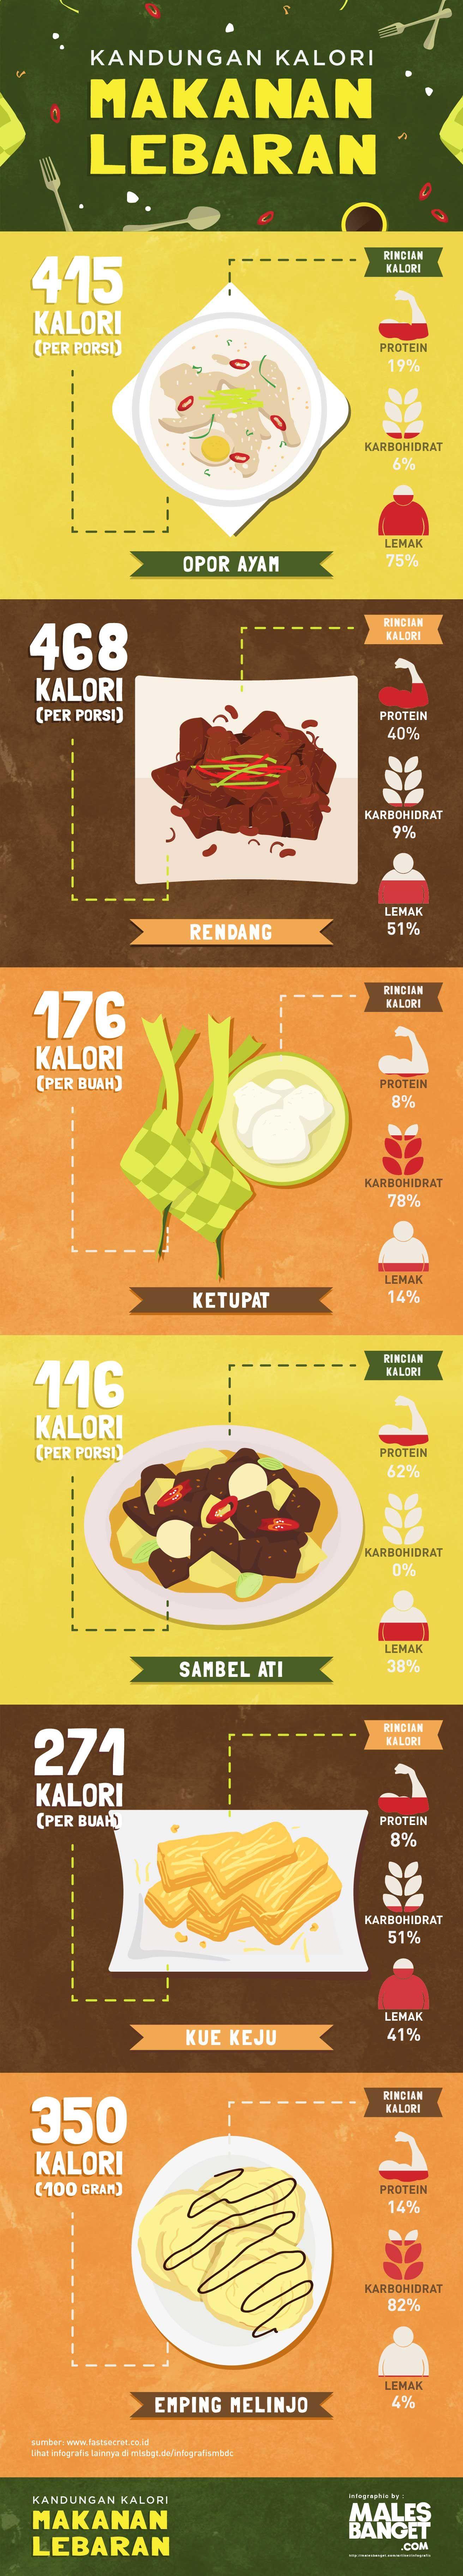 Infografis Kandungan Kalori Makanan Lebaran